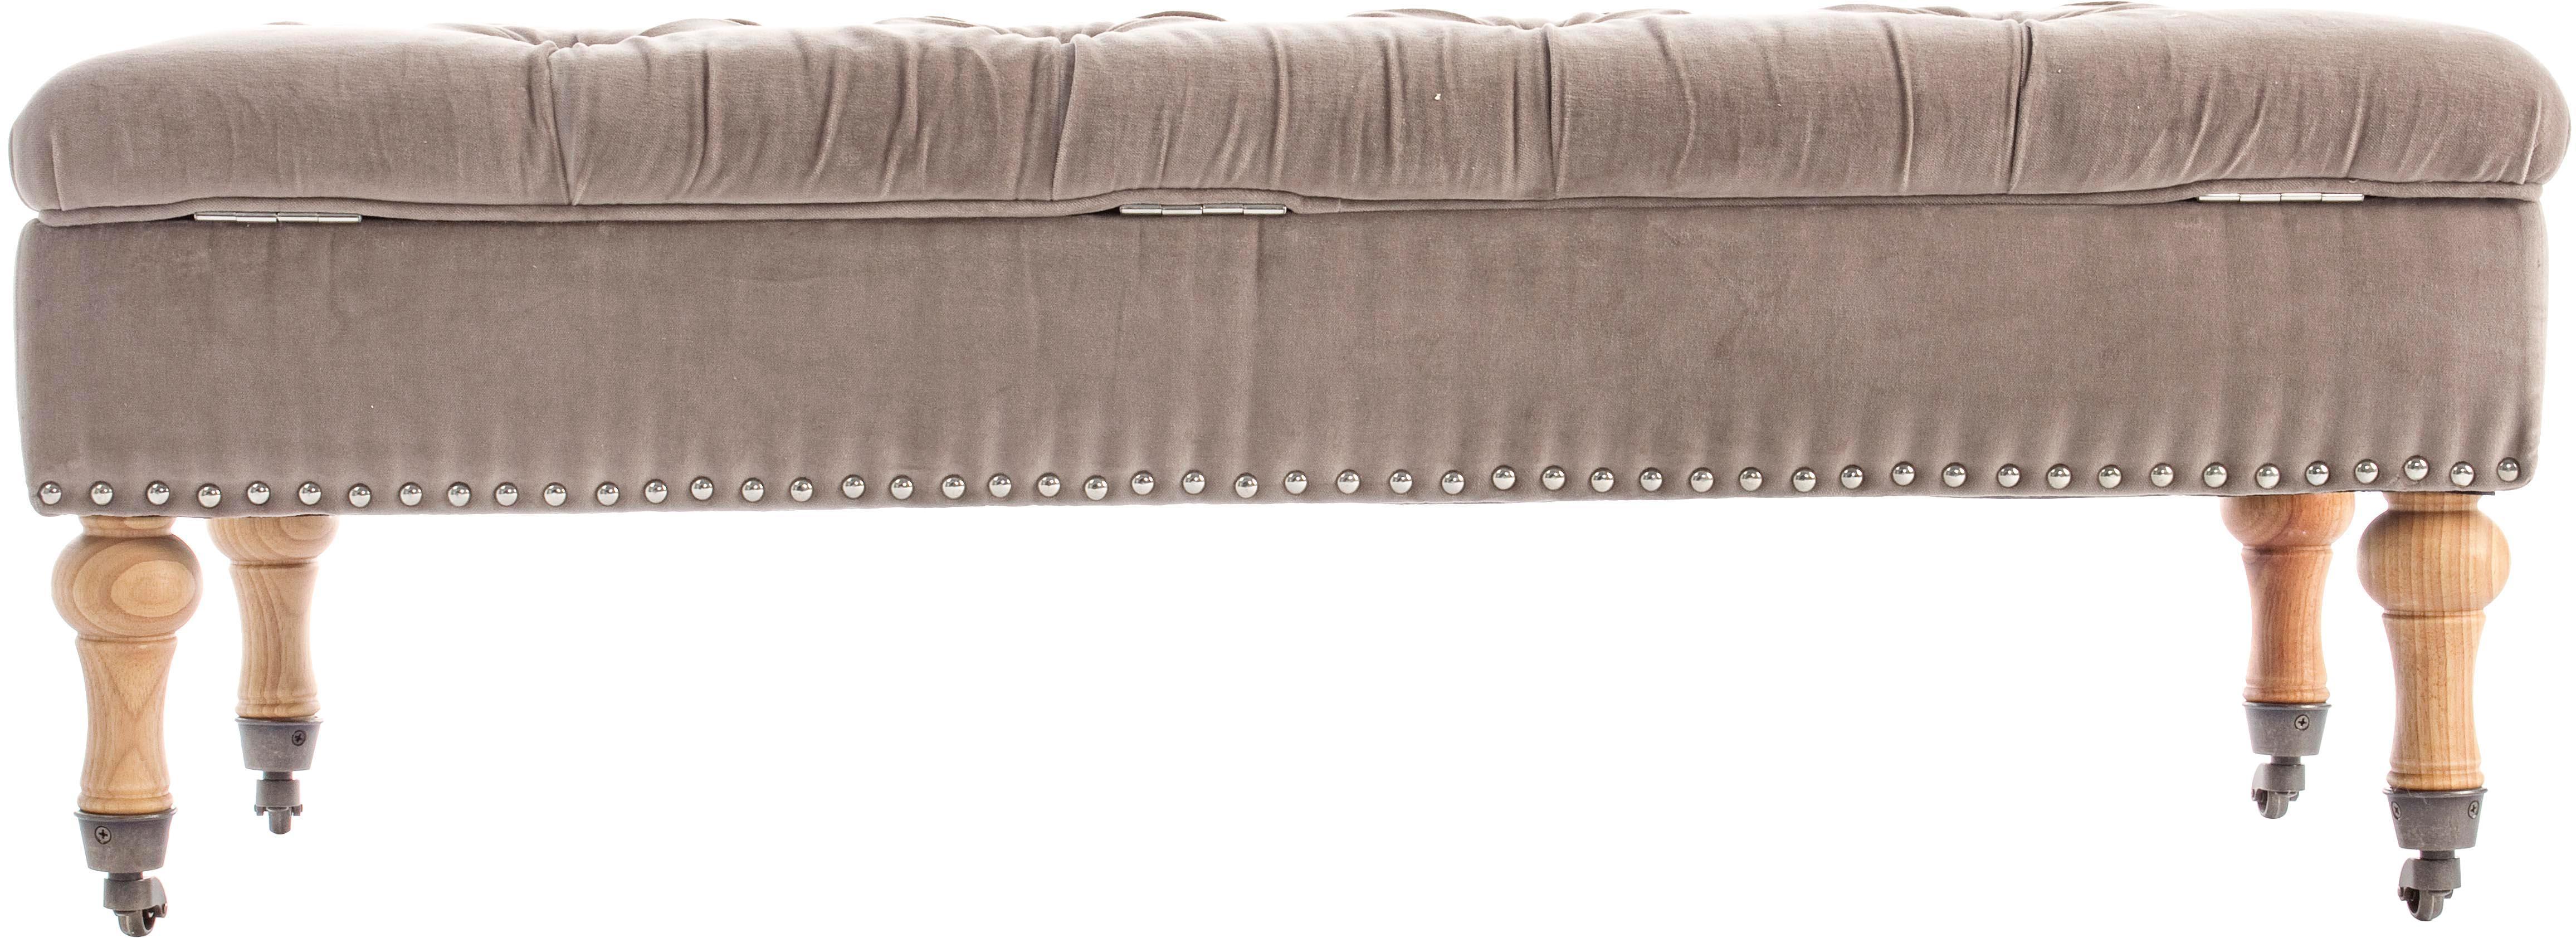 Samt-Sitzbank Arlette mit Stauraum, Bezug: Velours, Beine: Pinienholz Polsterung aus, Hellbraun, Pinienholz, Silberfarben, 110 x 40 cm